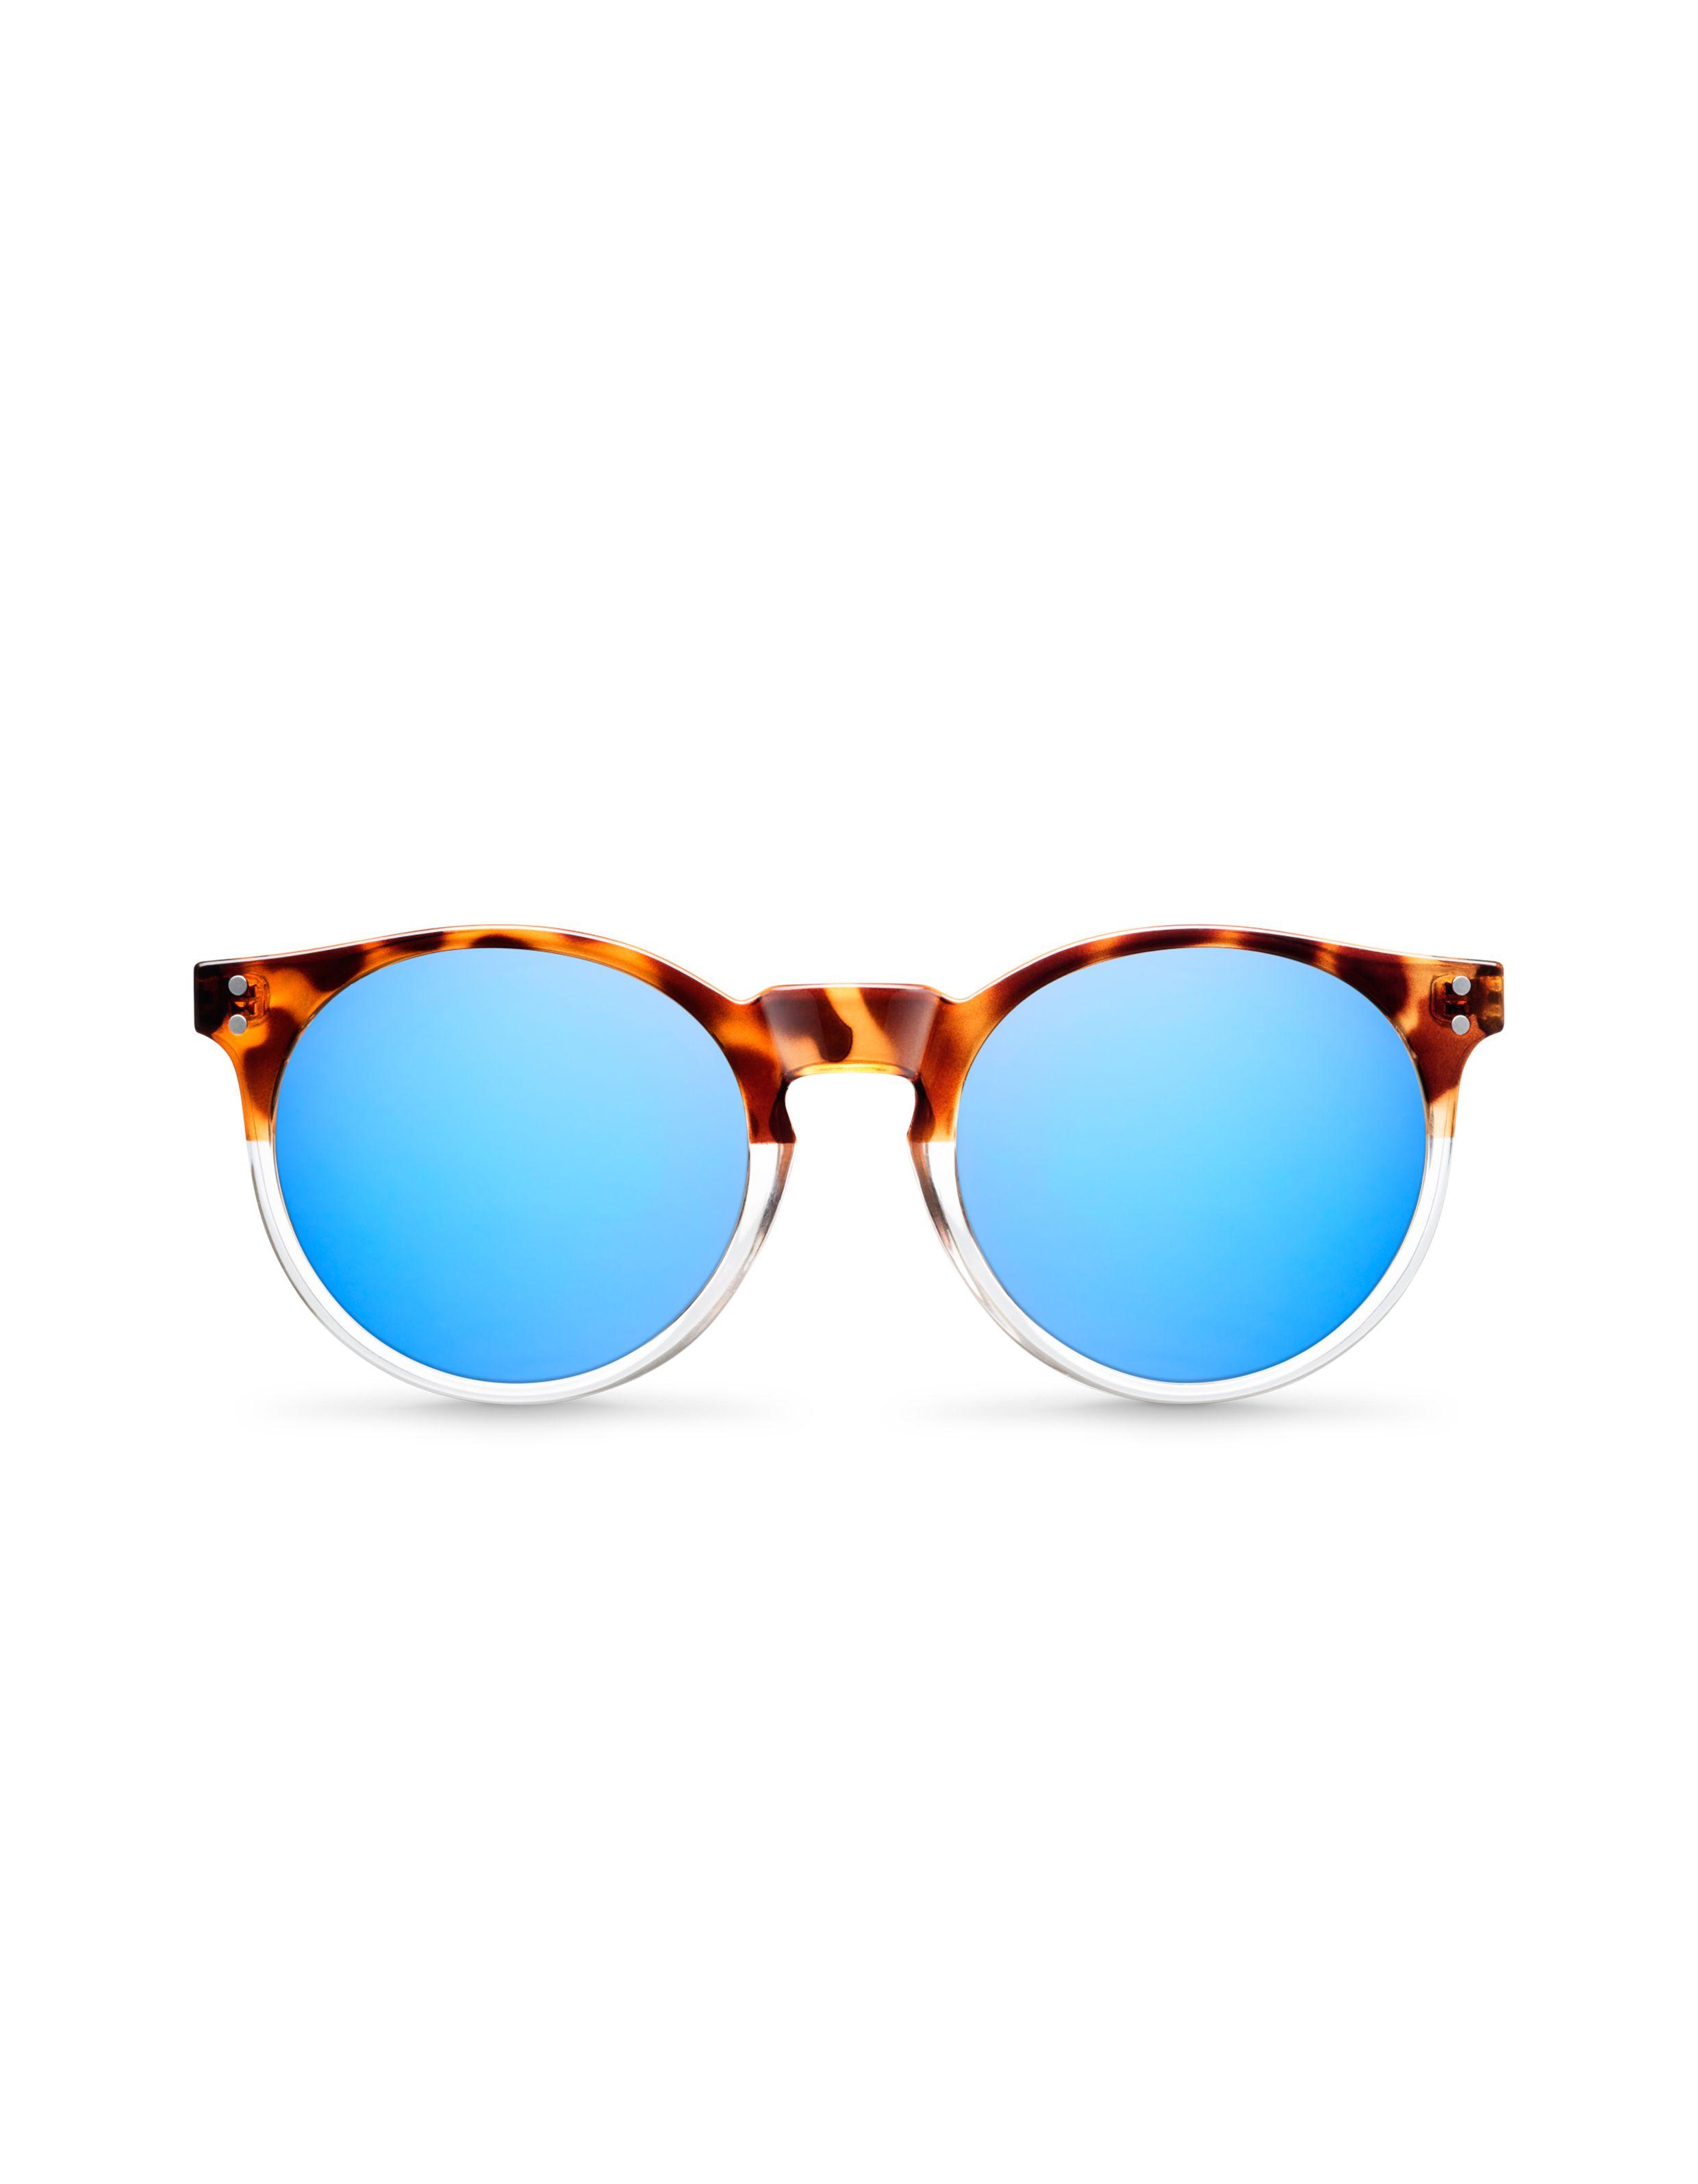 Meller Kubu Tigmin Sky Sonnenbrille UV400 Unisex ULQBXN